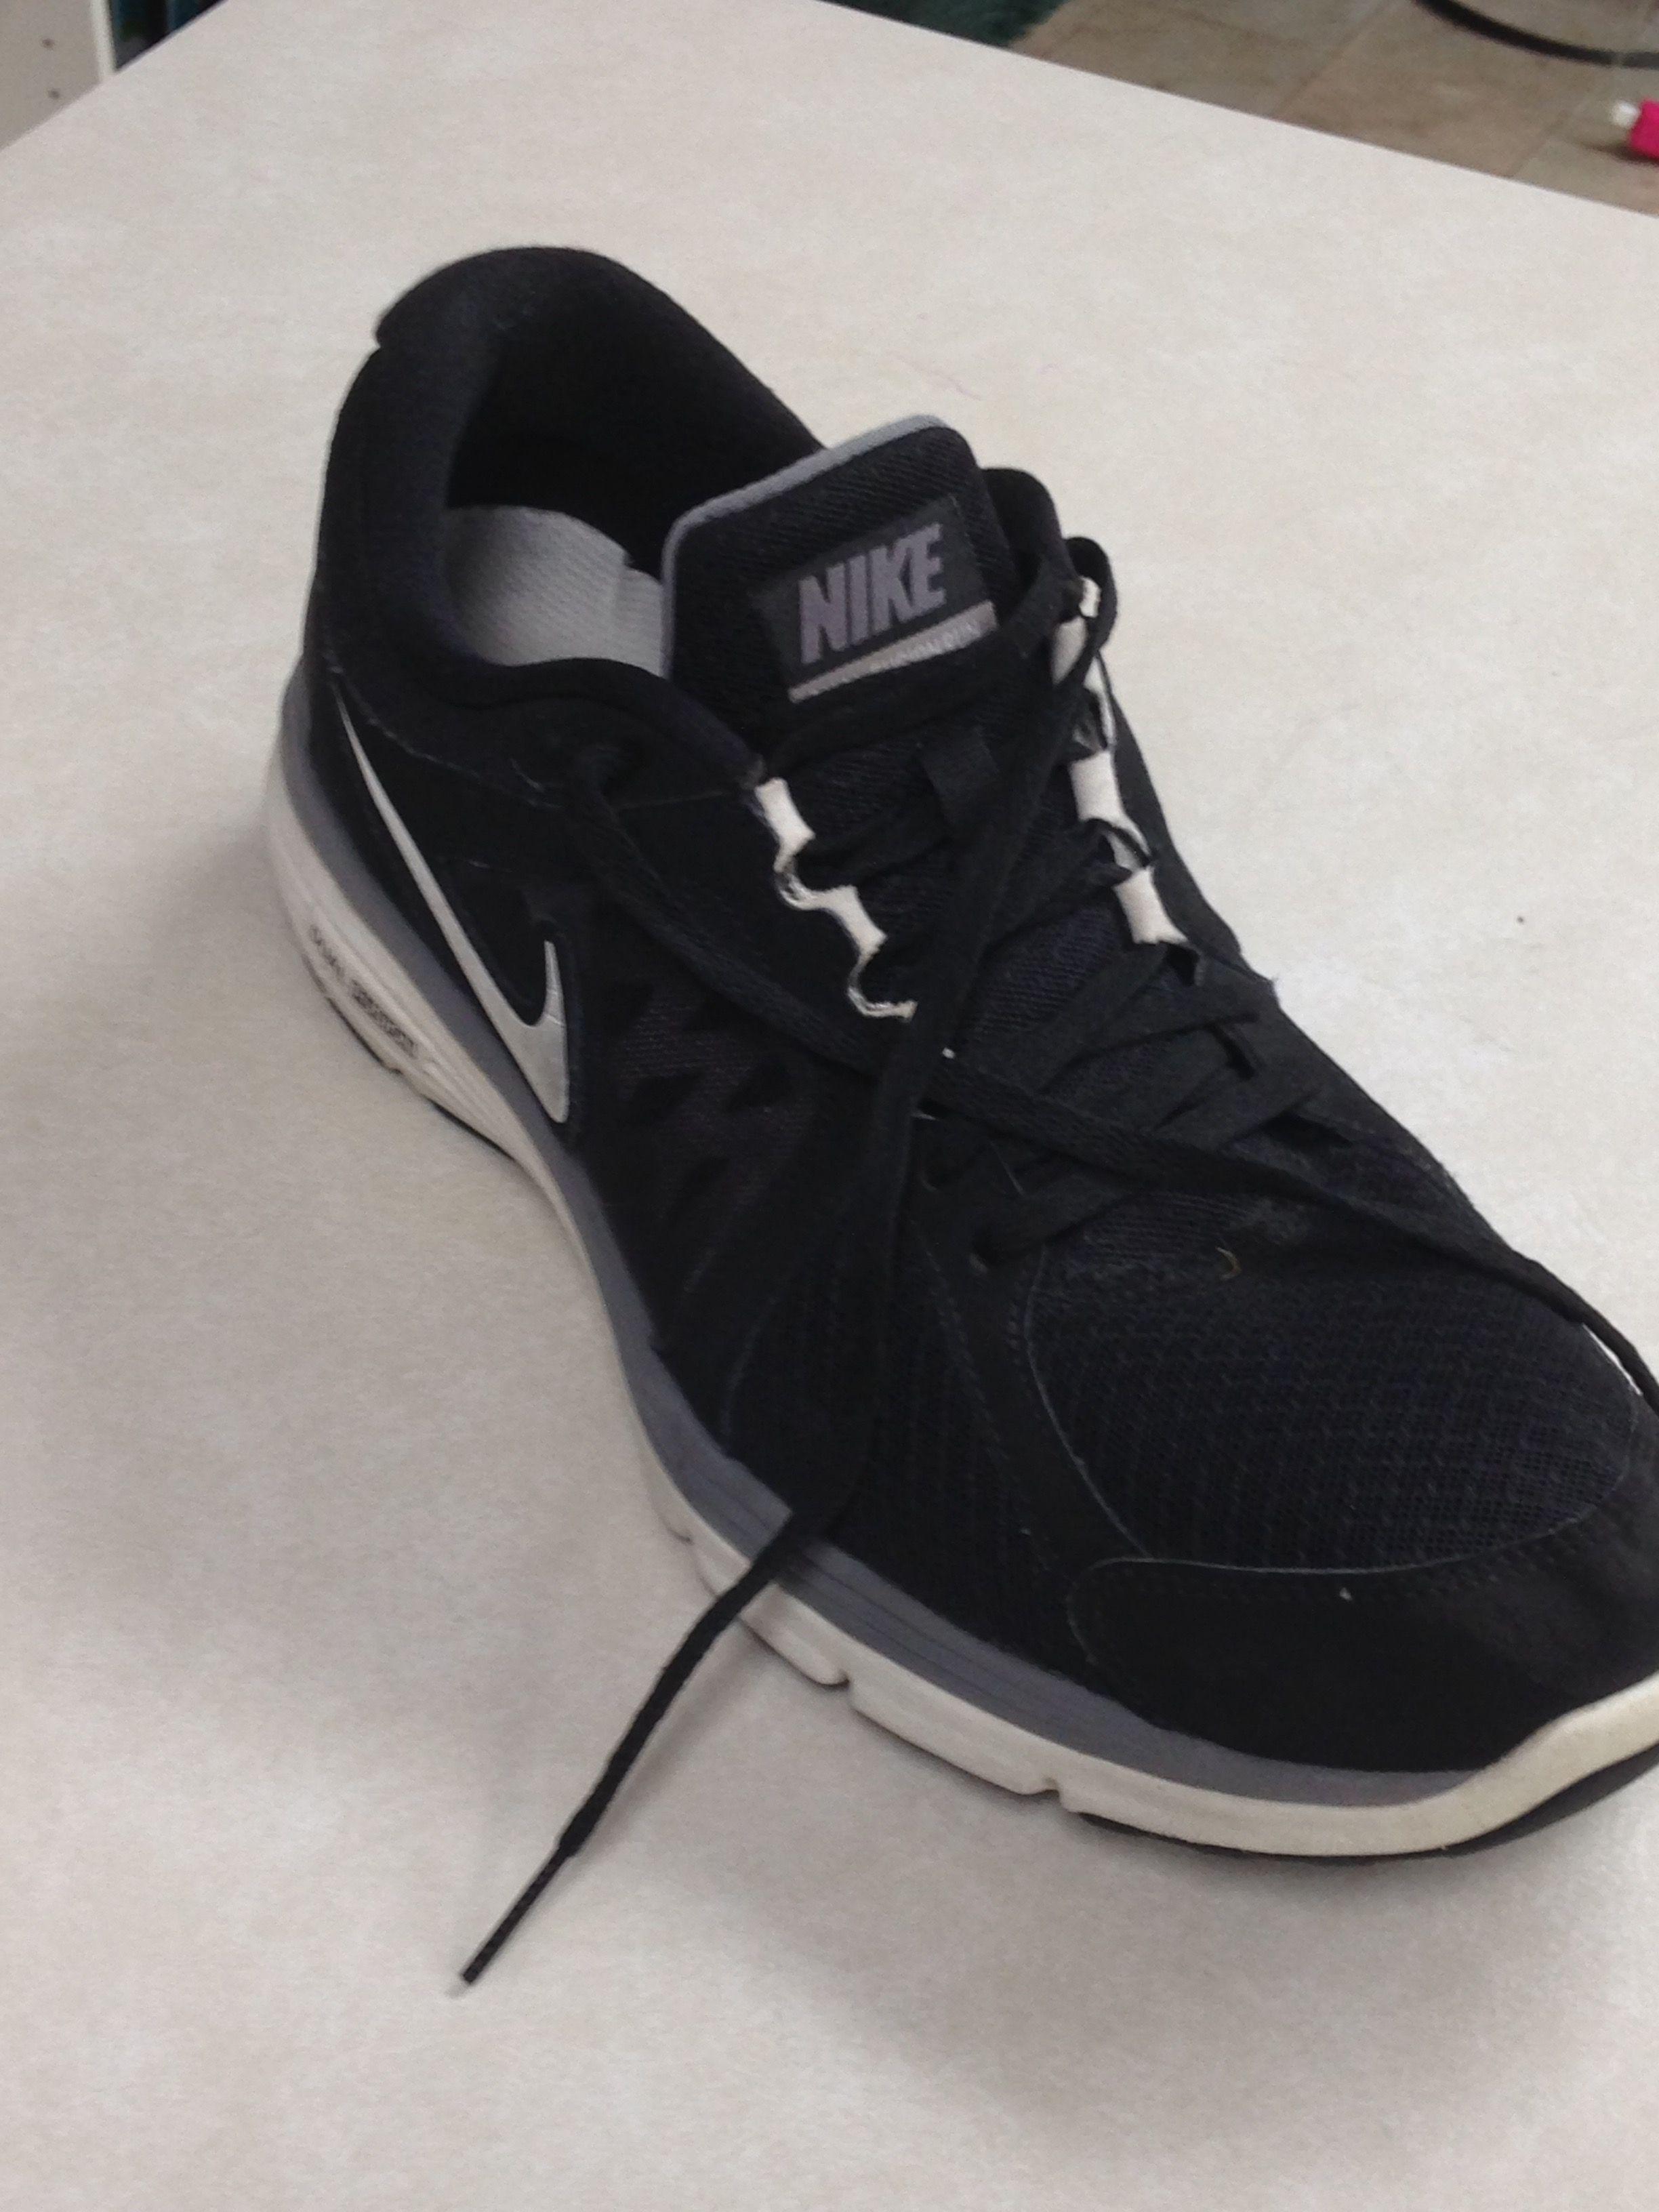 Men's black Nike's.